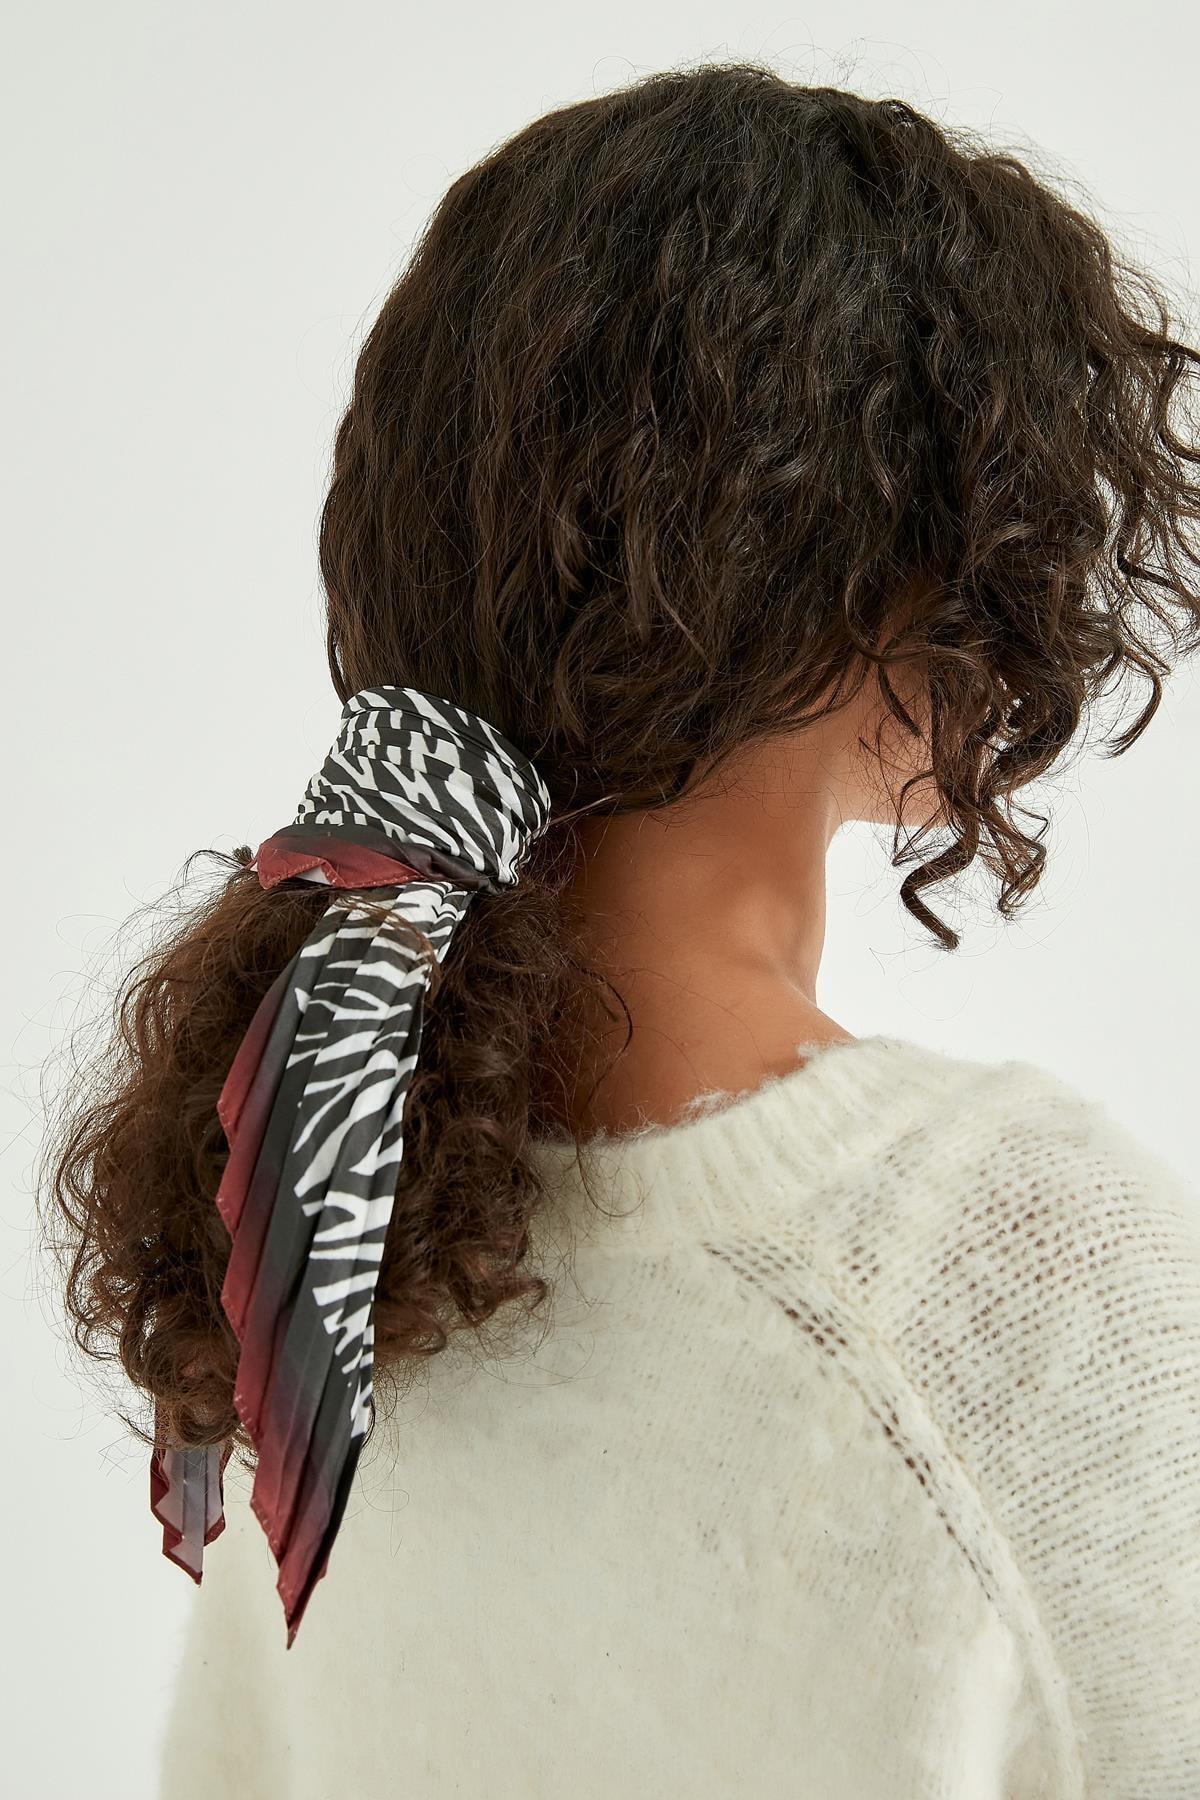 Y-London 13441-1 Zebra Desenli Pliseli Fular 1